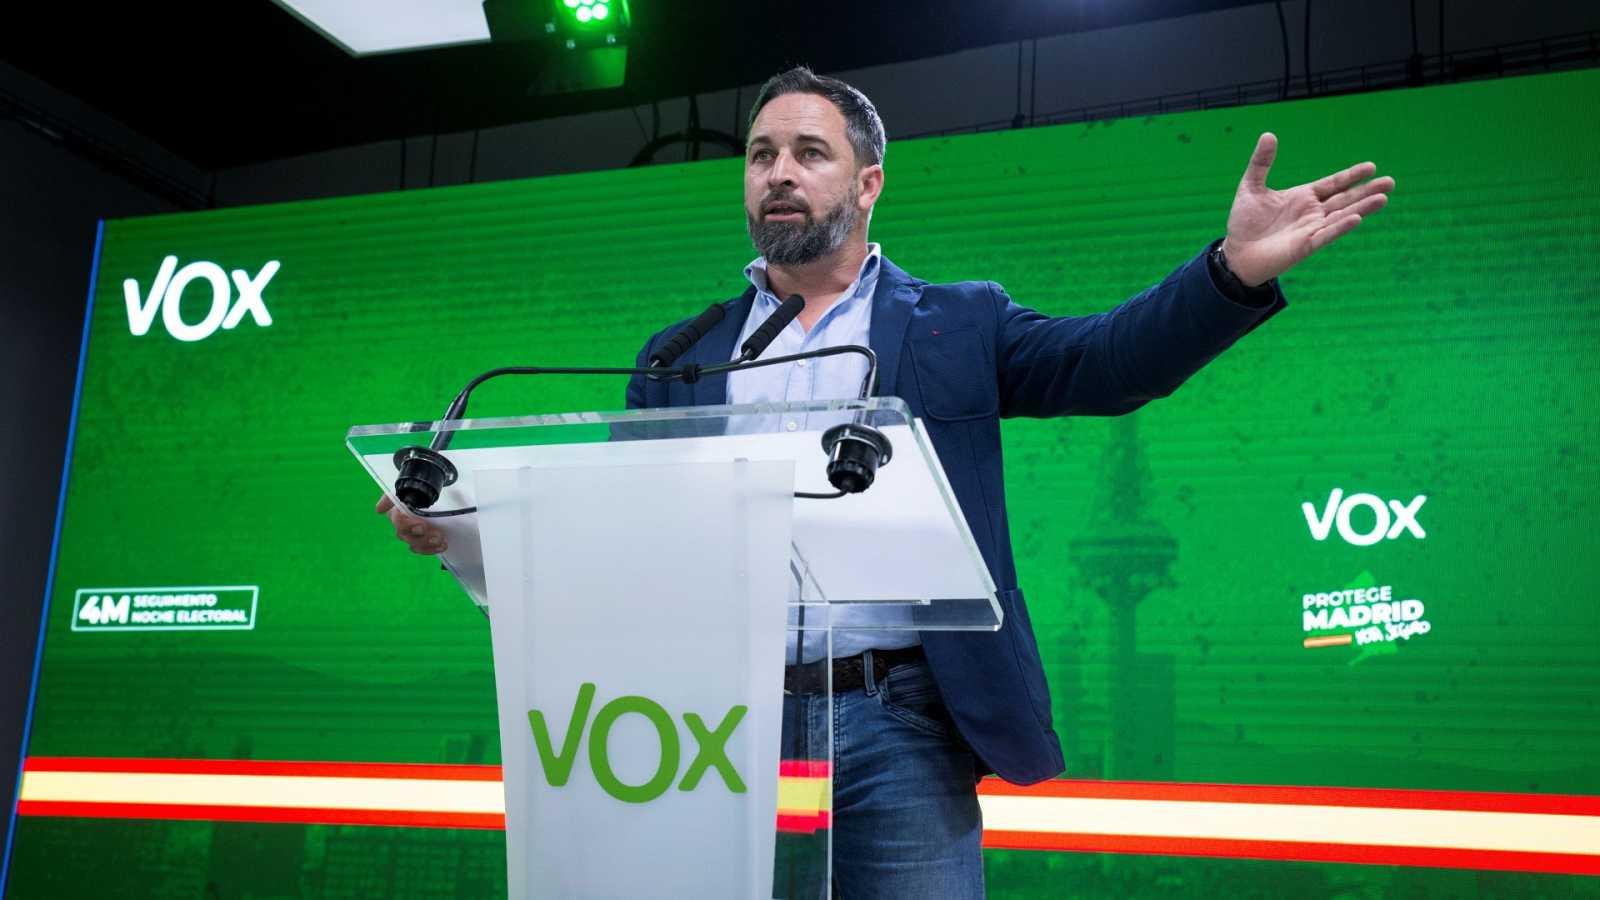 AMLO llama a opositores simpatizantes de VOX a que salgan del clóset